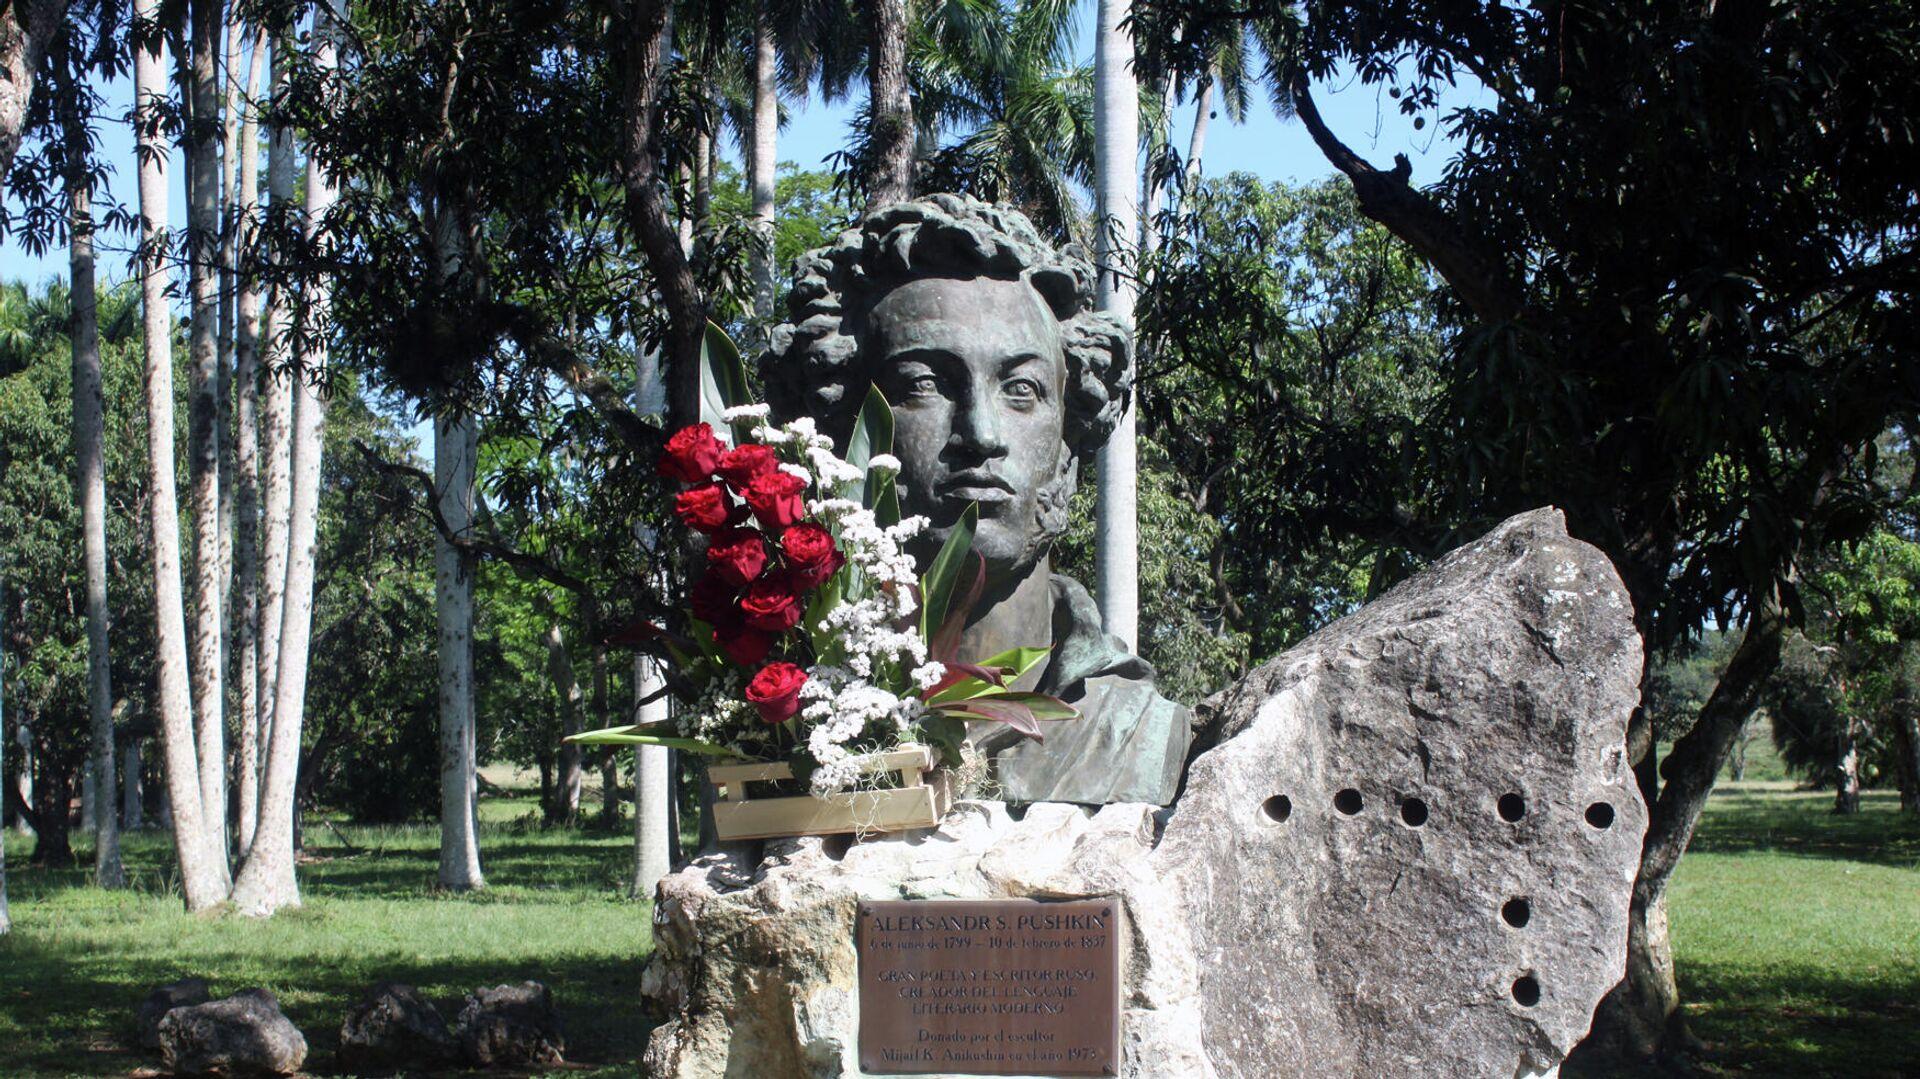 Ofrenda floral ante la estatua de Alexandr Pushkin en La Habana - Sputnik Mundo, 1920, 06.06.2021